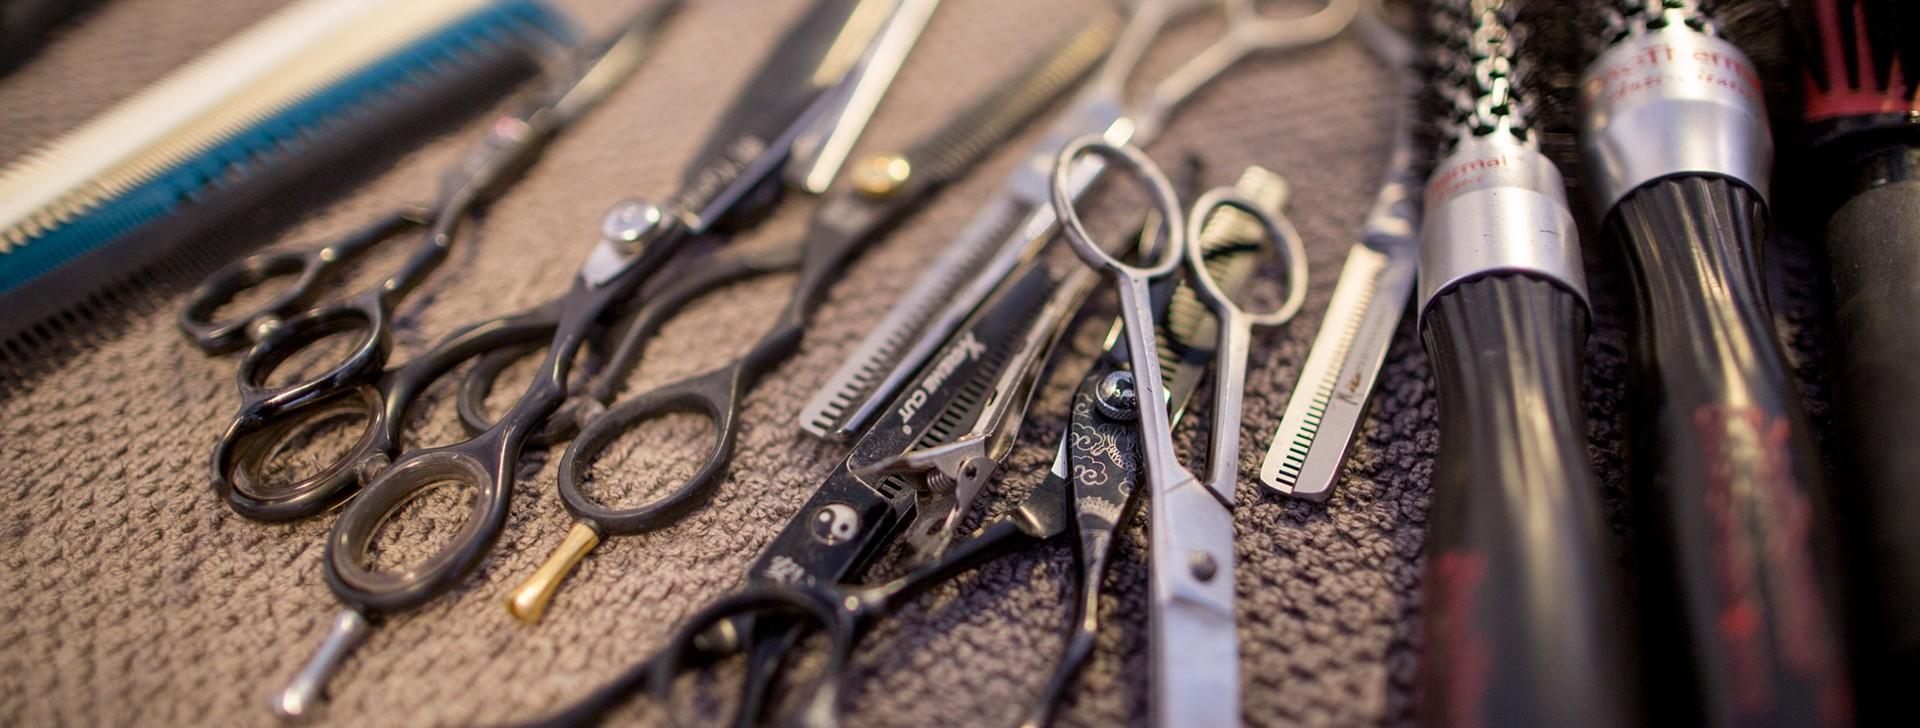 the-barber-barbershop-bucuresti-03